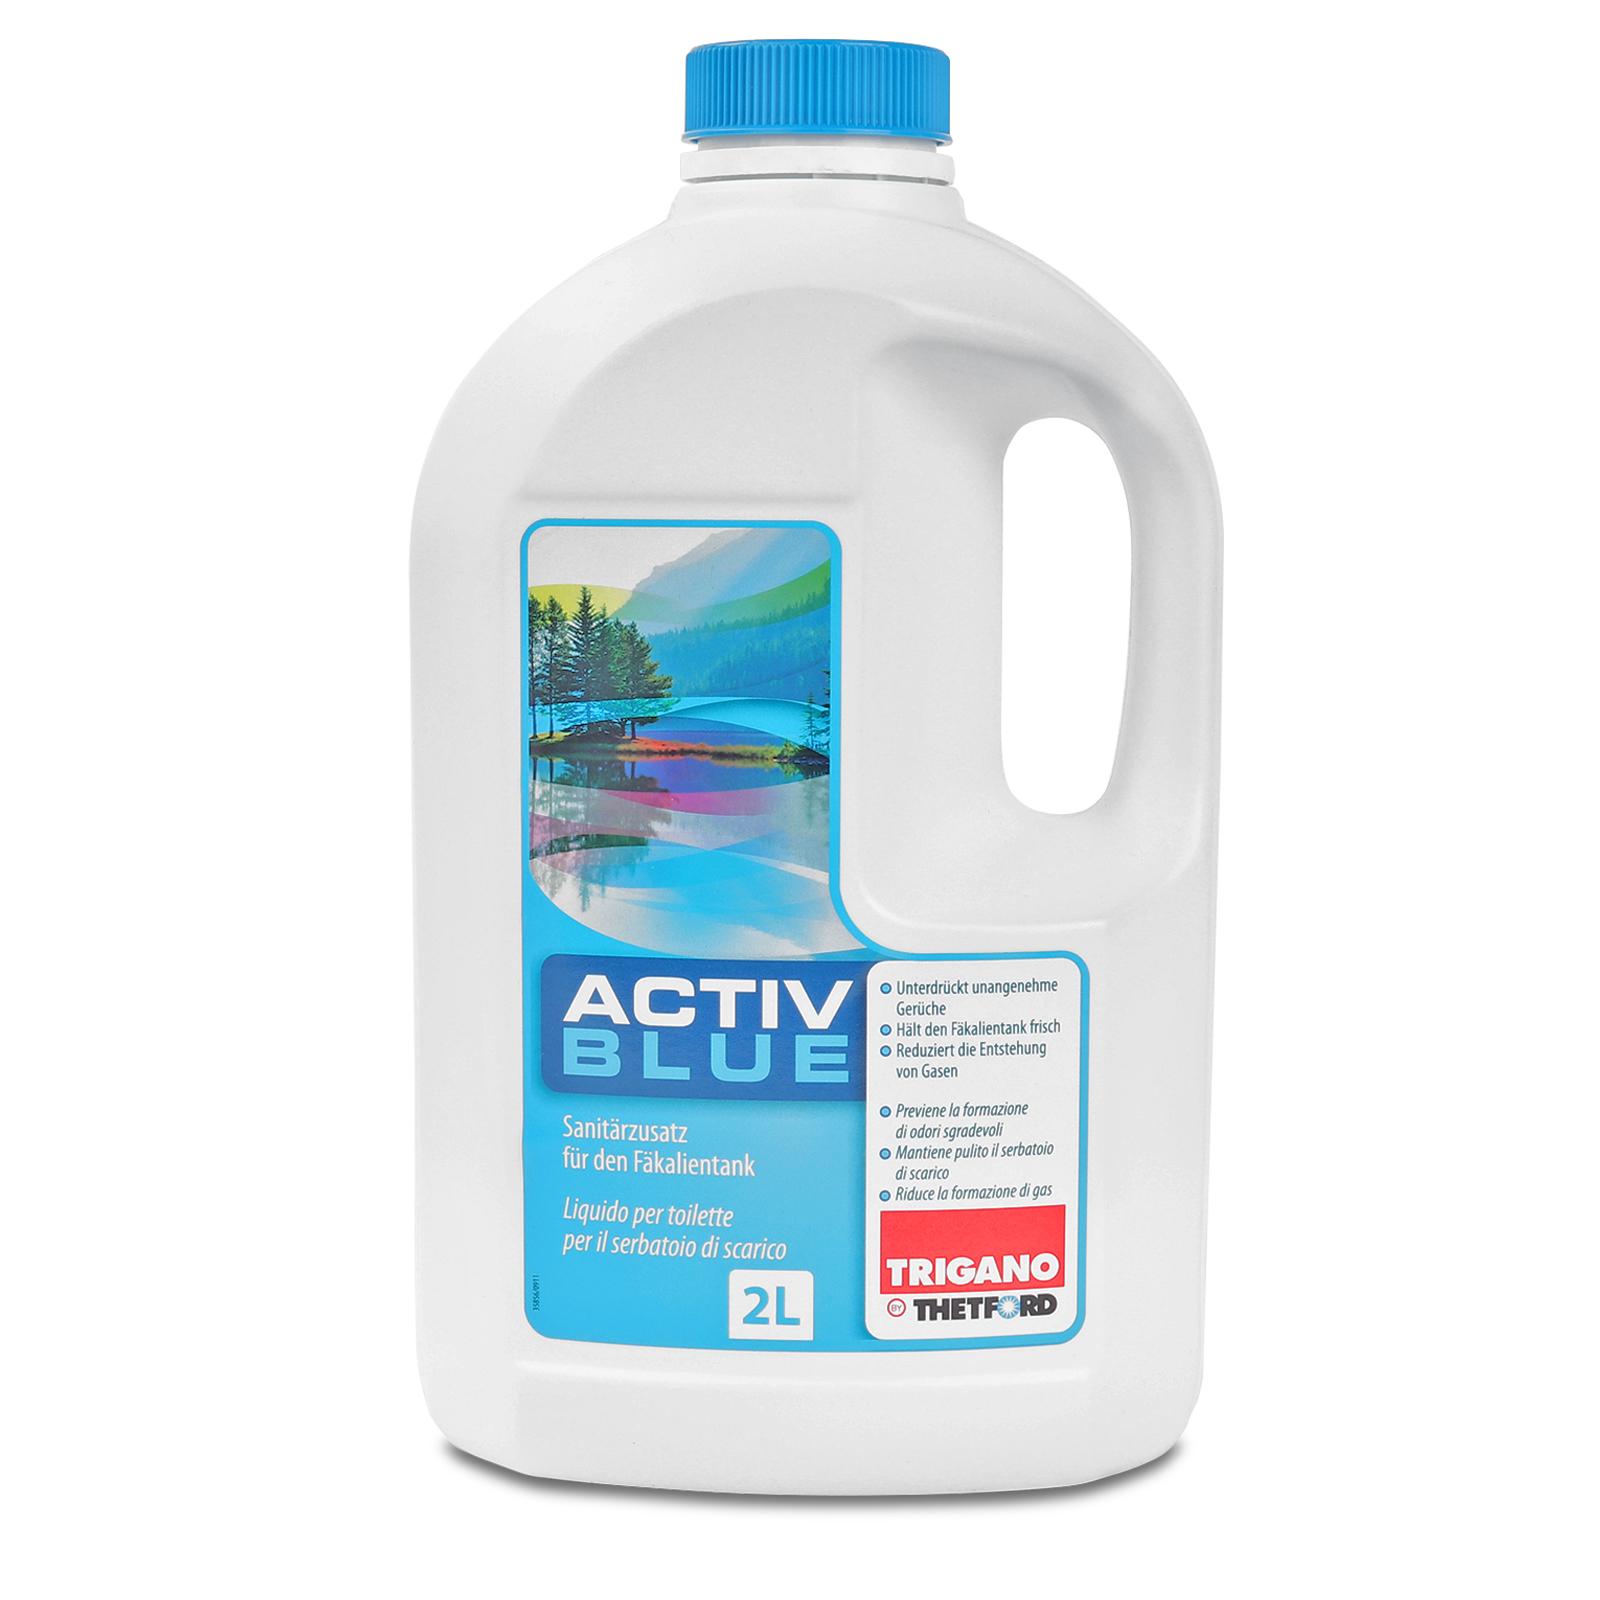 Thetford Activ Blue Toiletten Zusatz für den Abwasserbehälter 2 Ltr